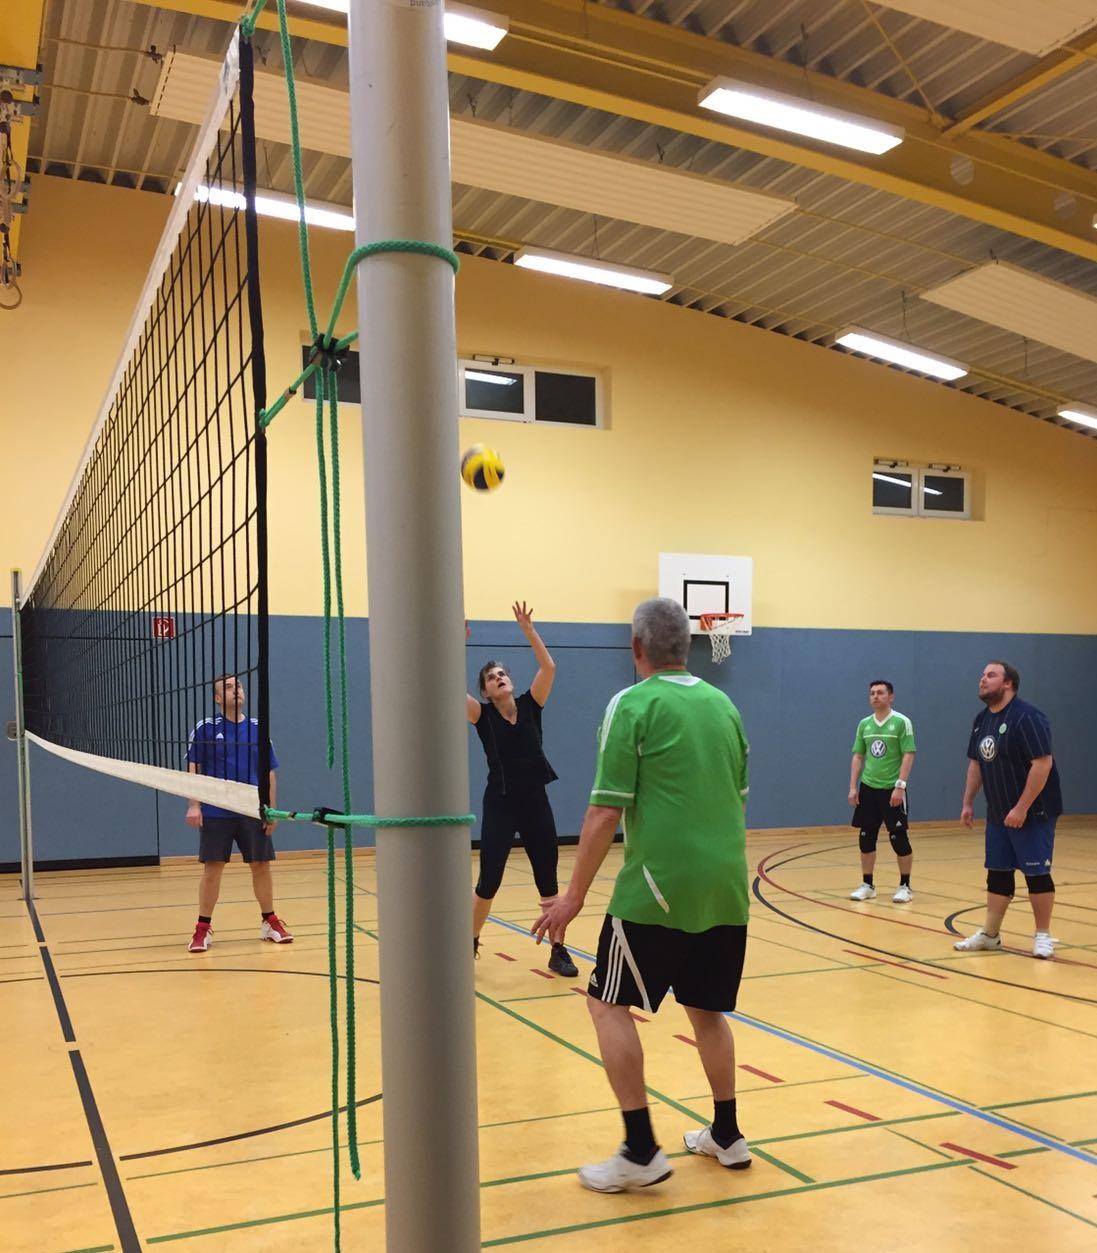 20170329_TSVGrußendorf_Volleyball_Stellen_Kopfüber_Pritschen